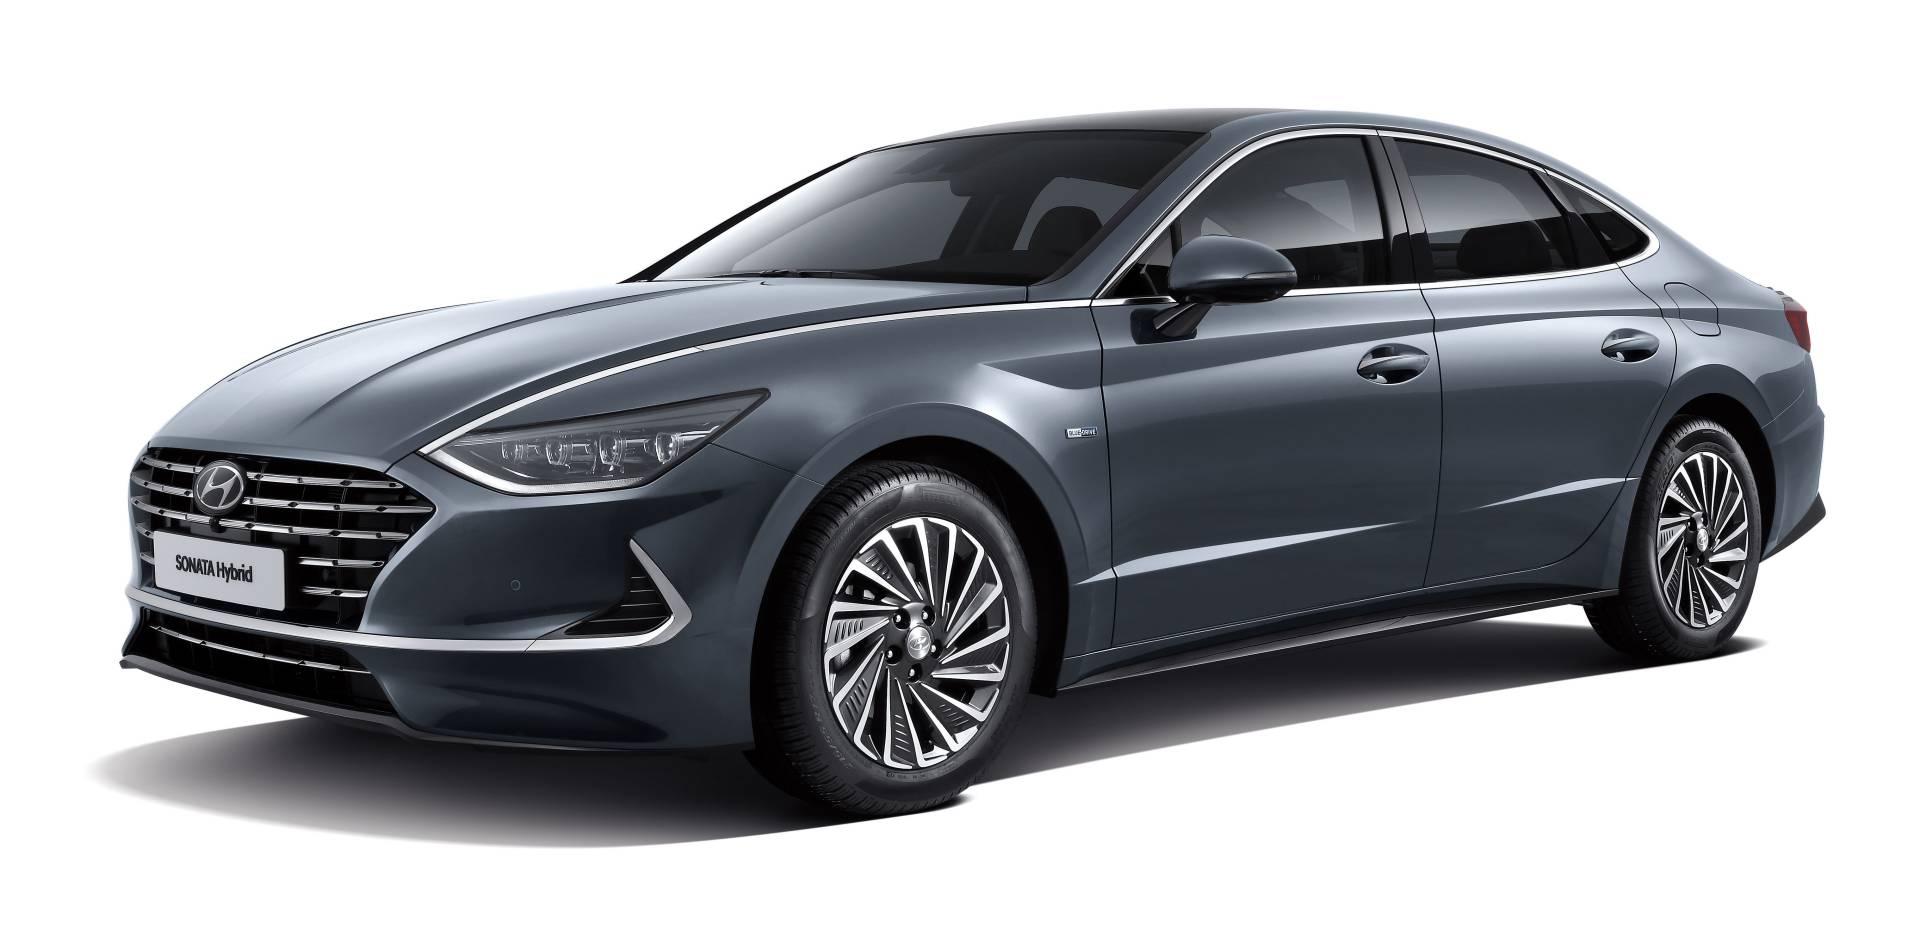 2020_Hyundai_Sonata_Hybrid_0000